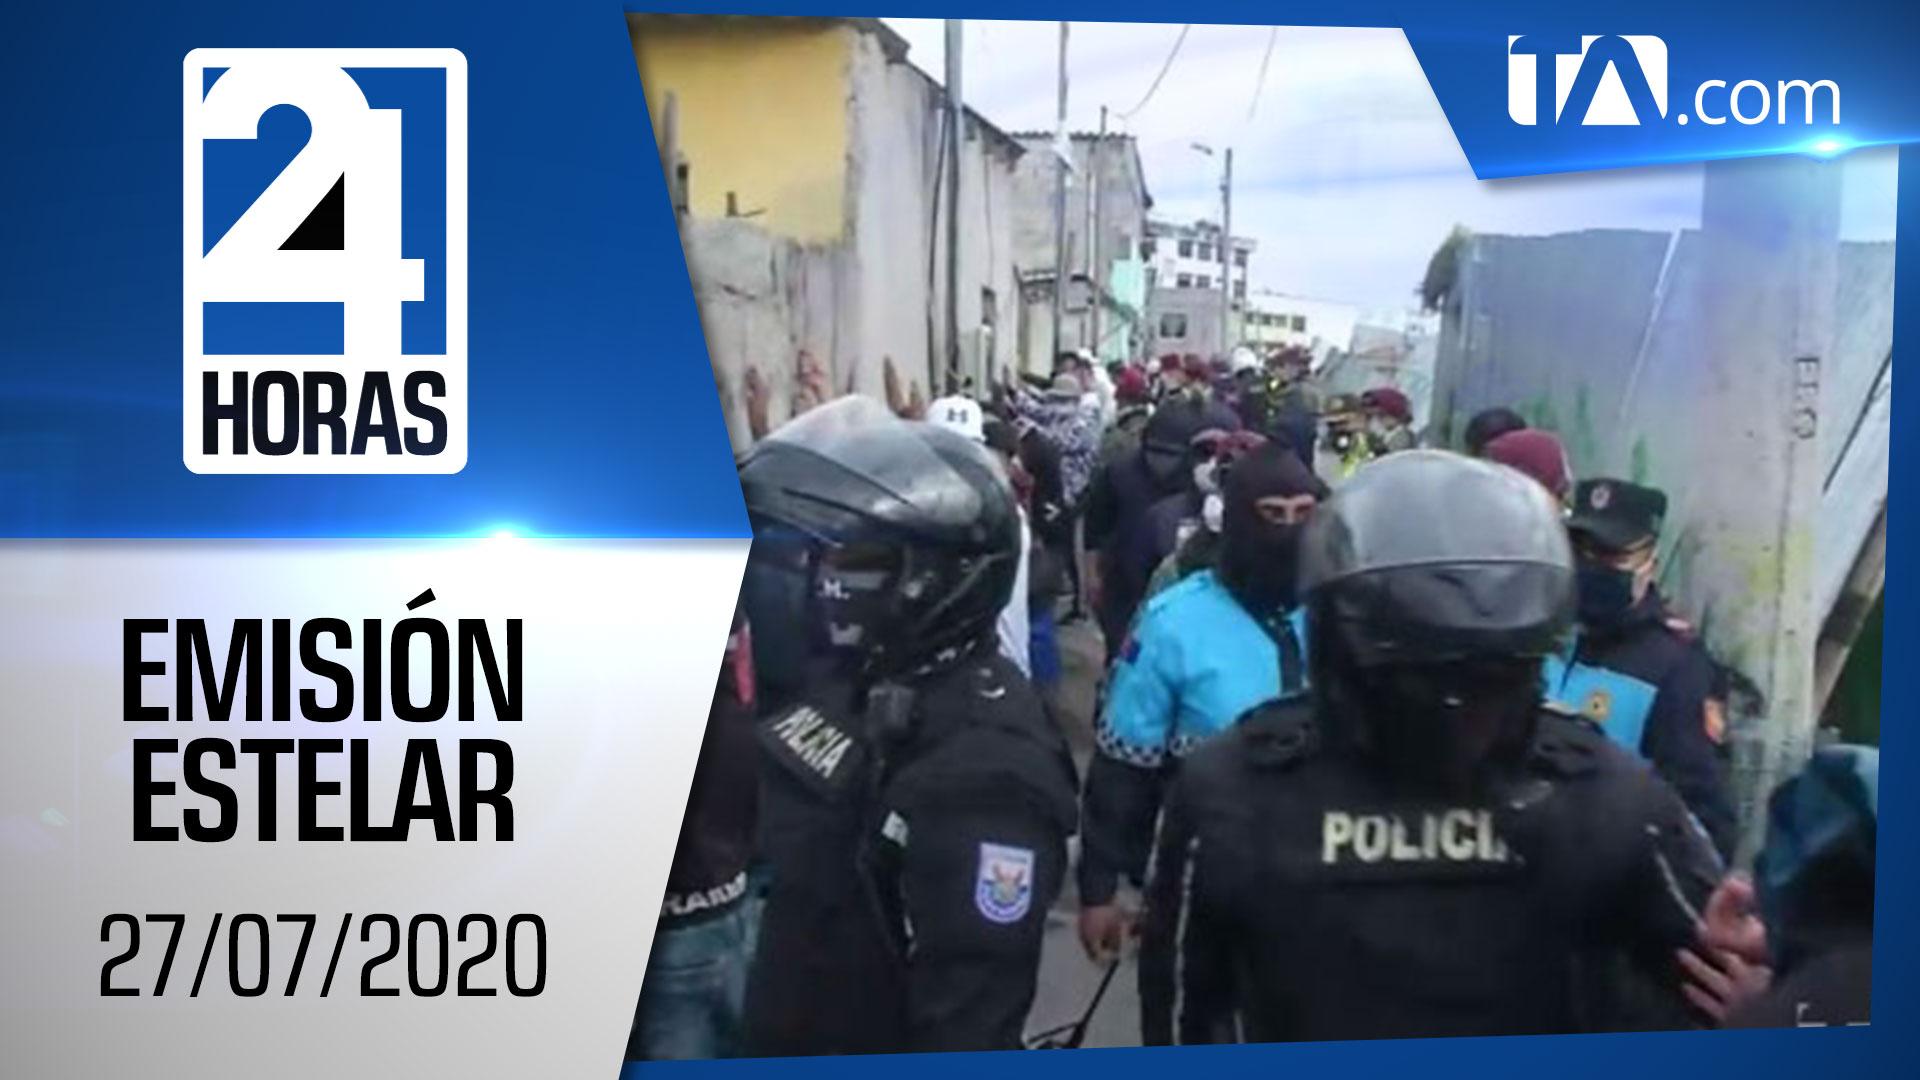 Noticias Ecuador: Noticiero 24 Horas, 27/07/2020 (Emisión Estelar)